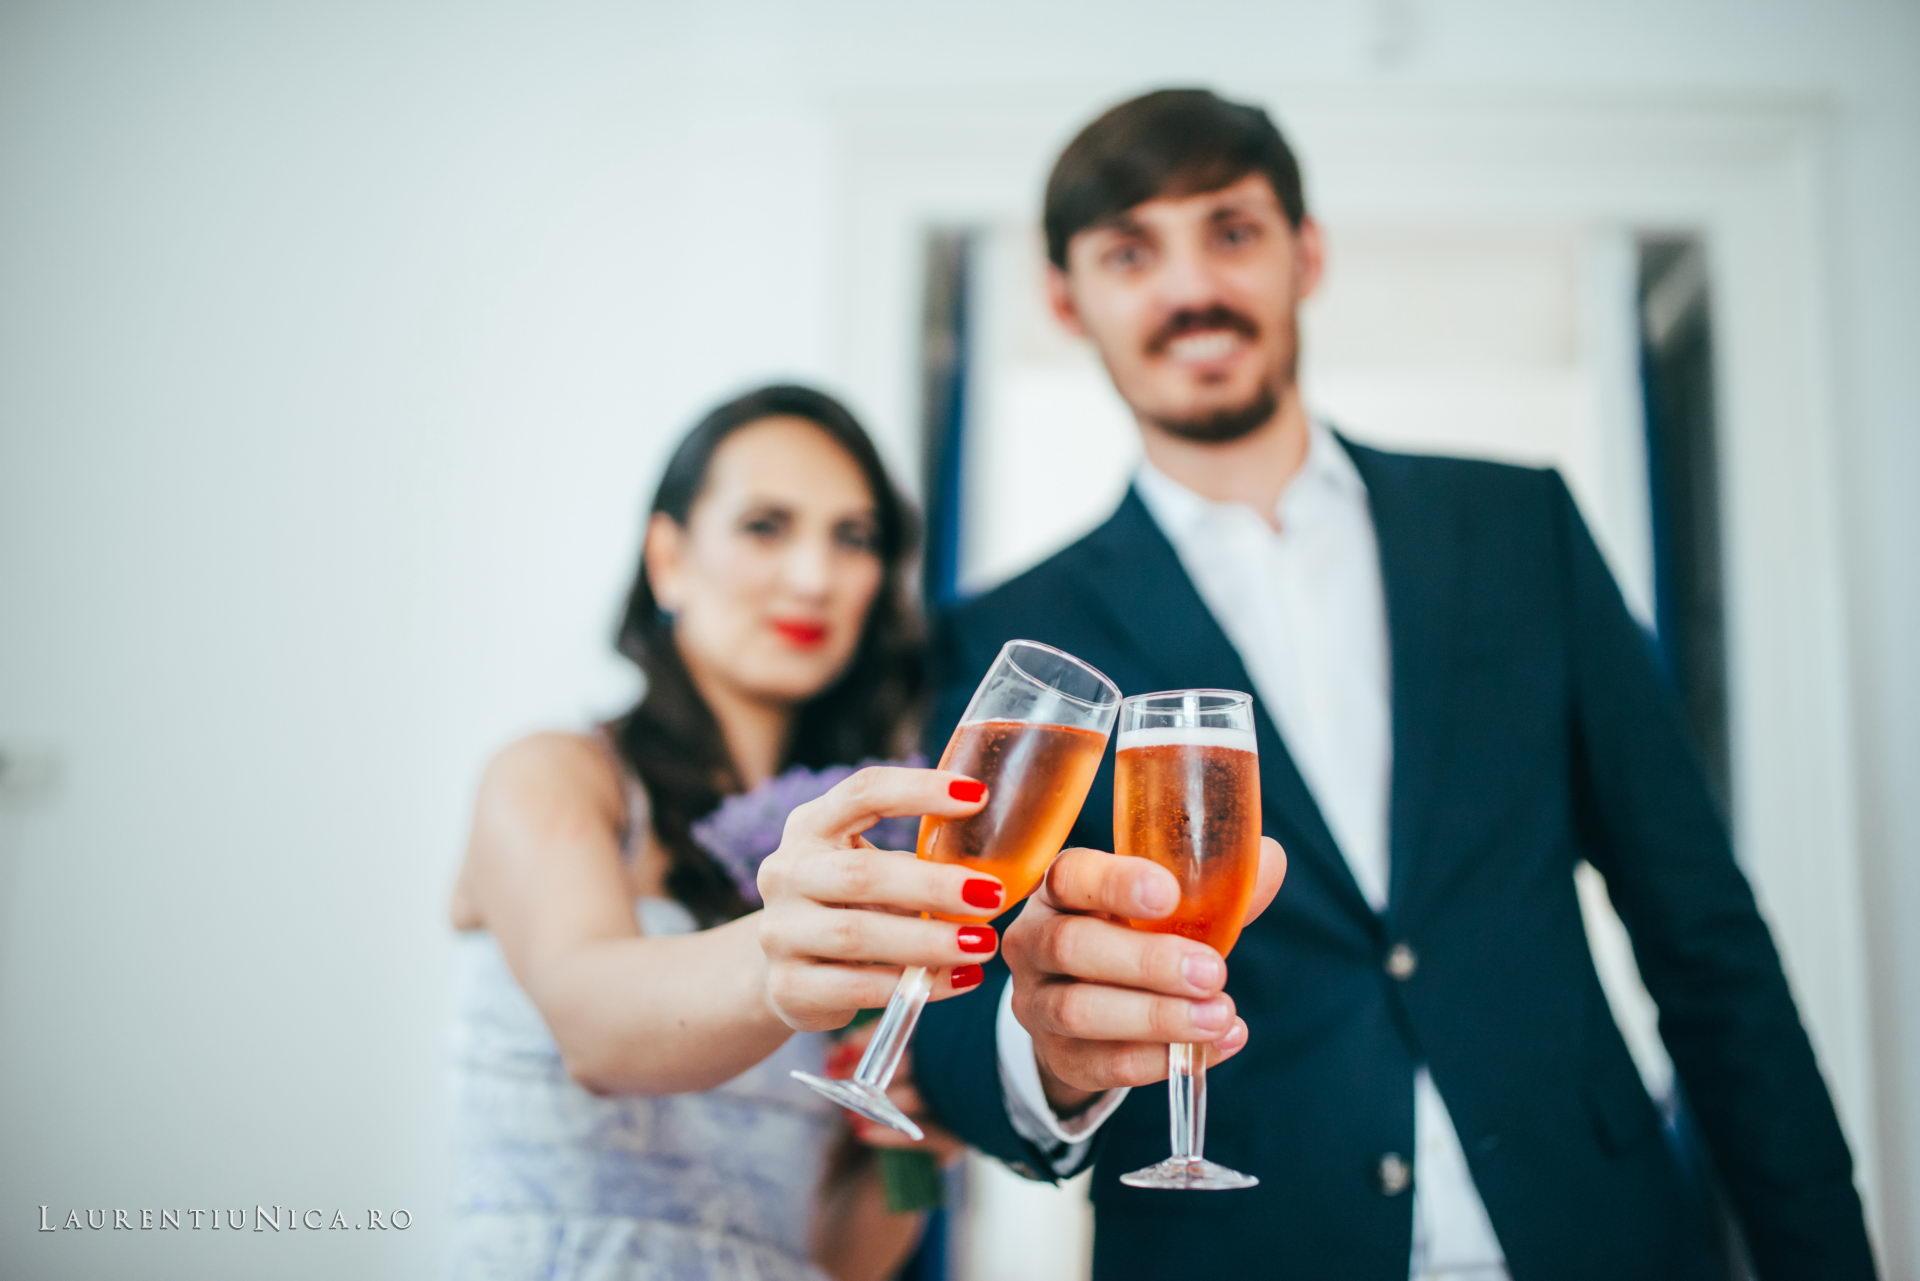 Cristina si Ovidiu nunta Craiova fotograf laurentiu nica 014 - Cristina & Ovidiu | Fotografii nunta | Craiova